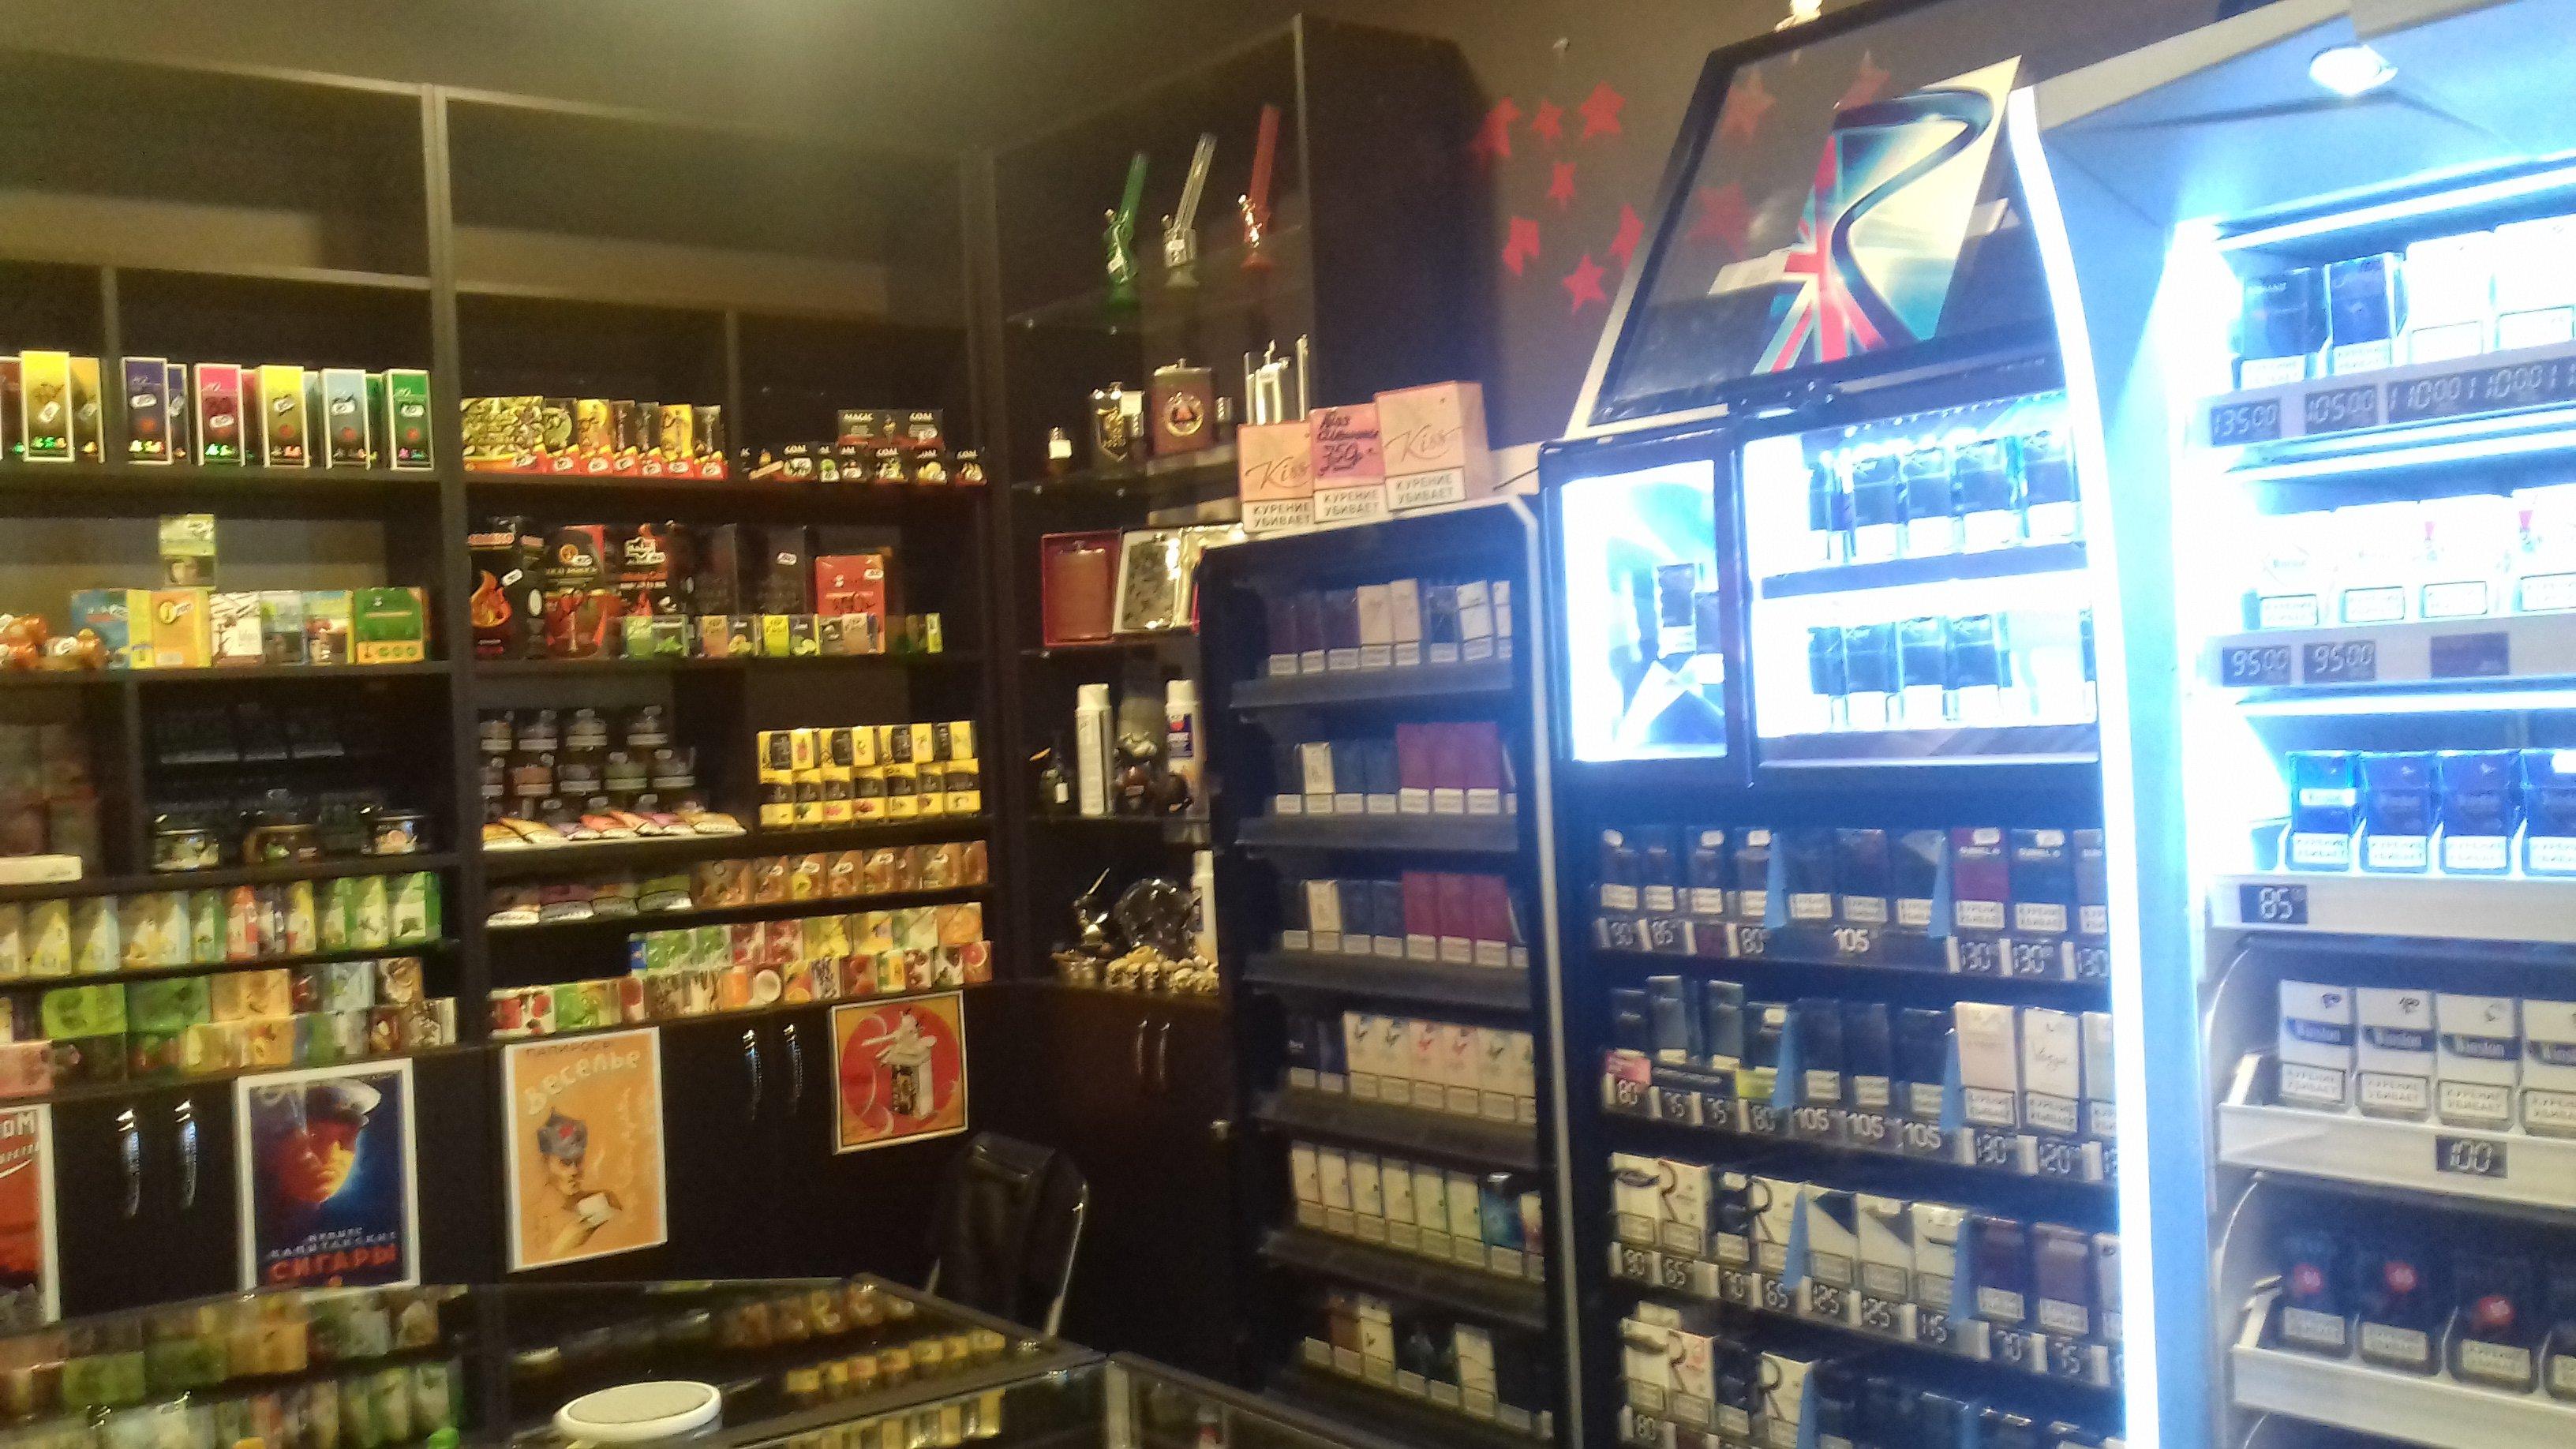 Магазин табачные изделия рядом со мной заказать сигареты на дом круглосуточно москва